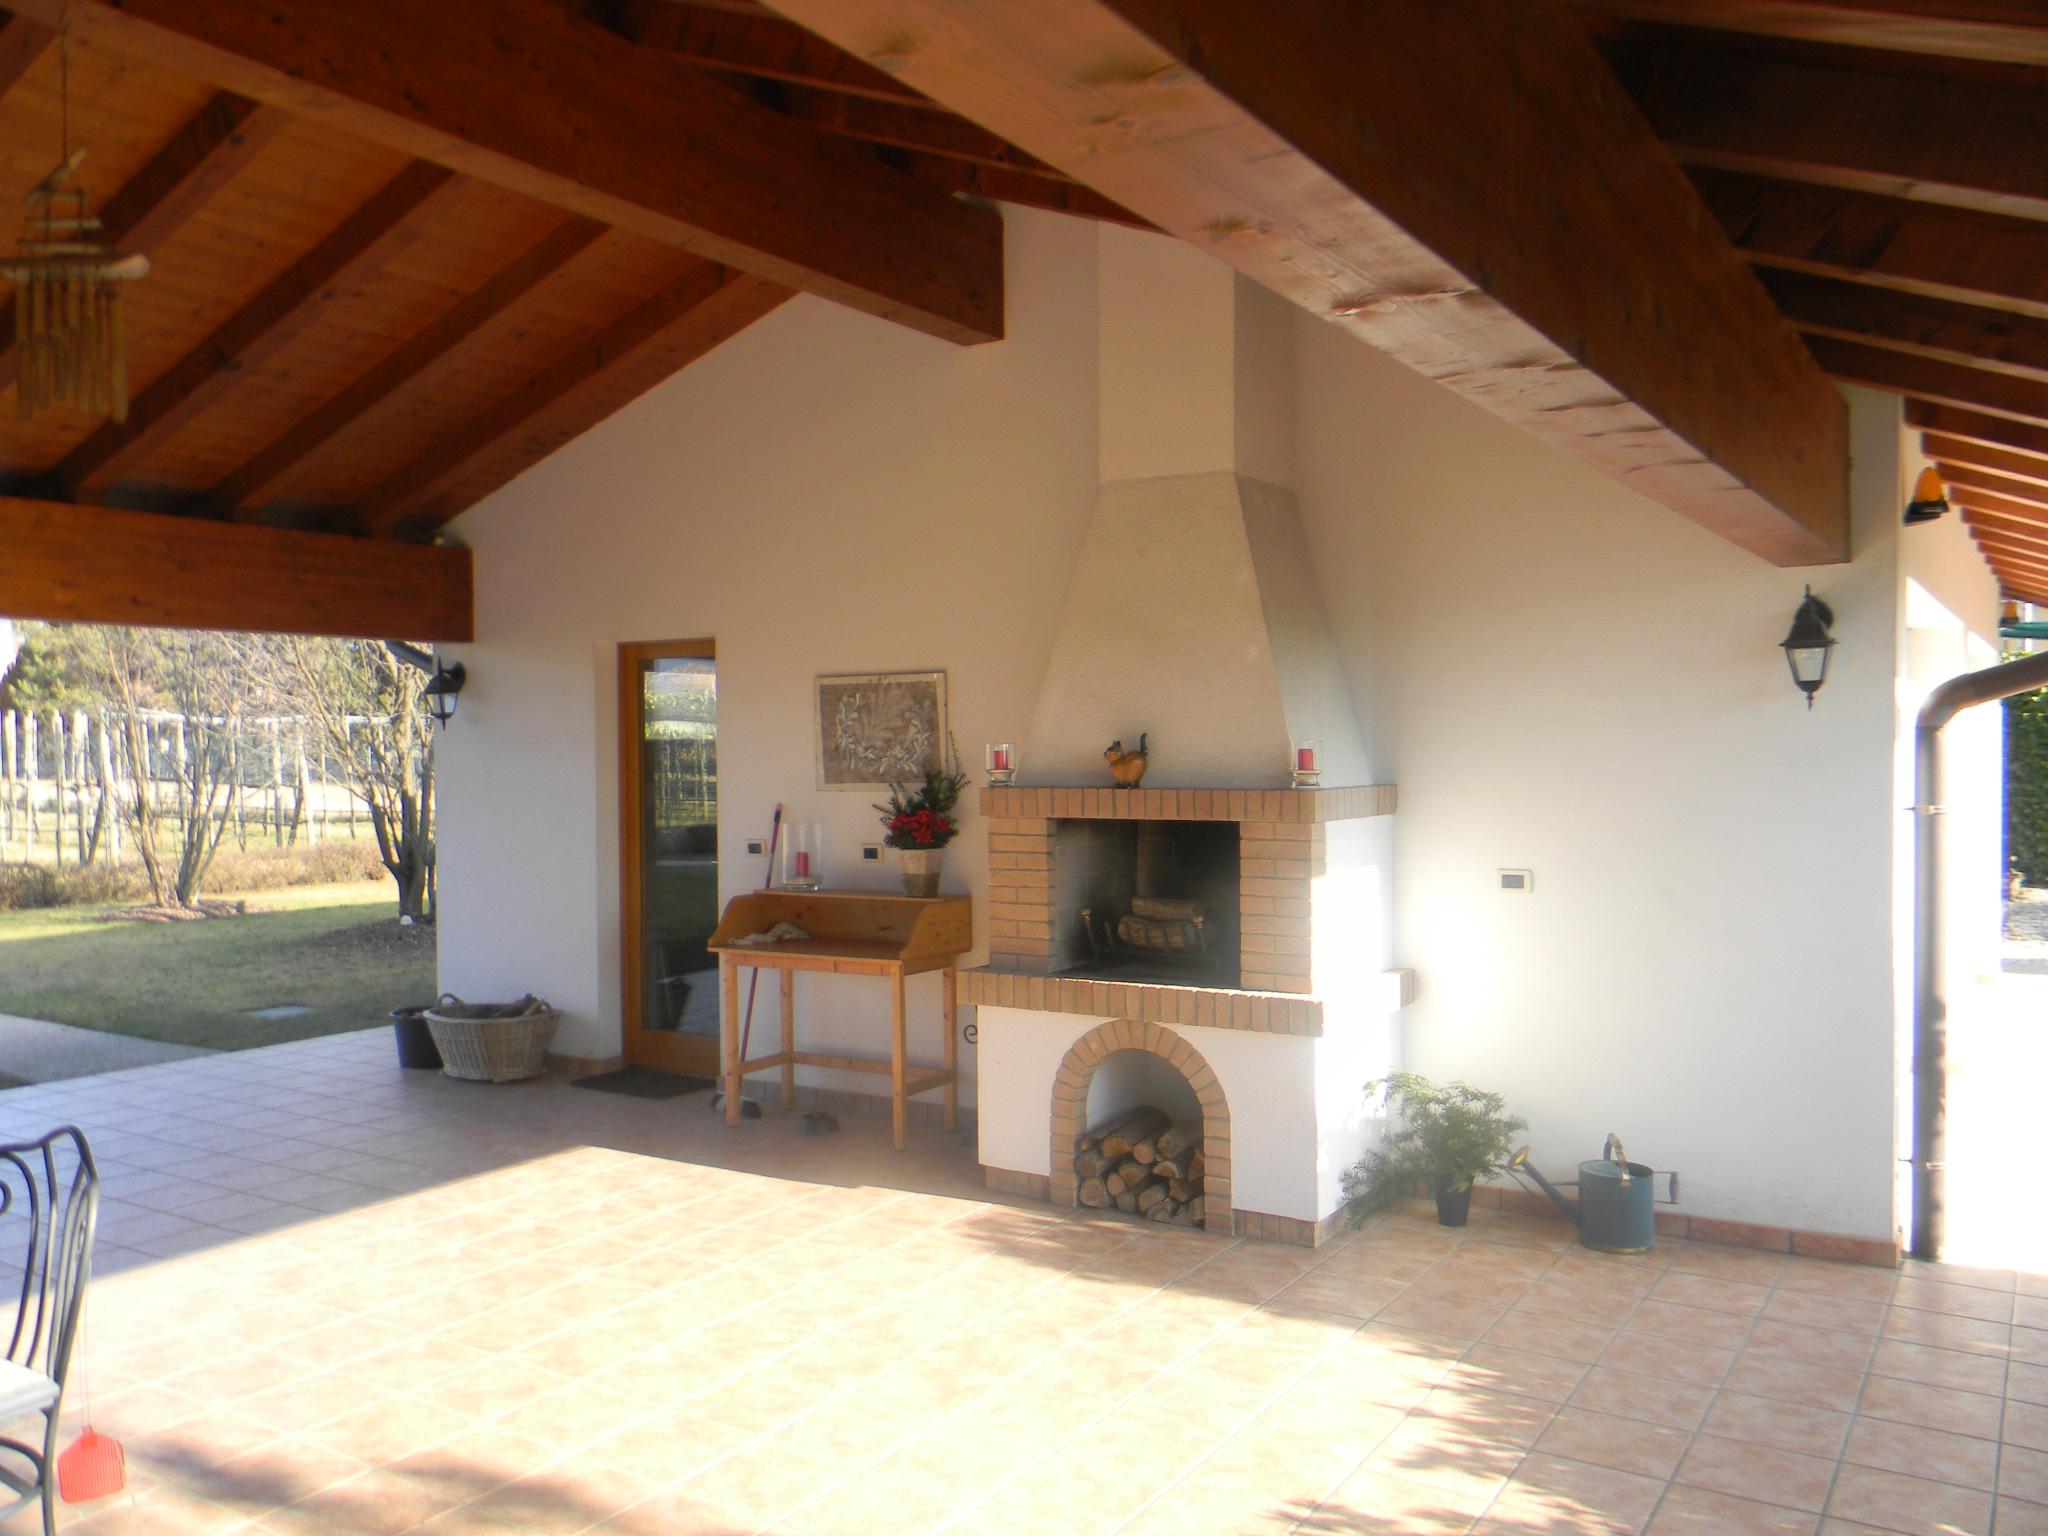 Casa singola con giardino arba 1019 for Foto case con giardino